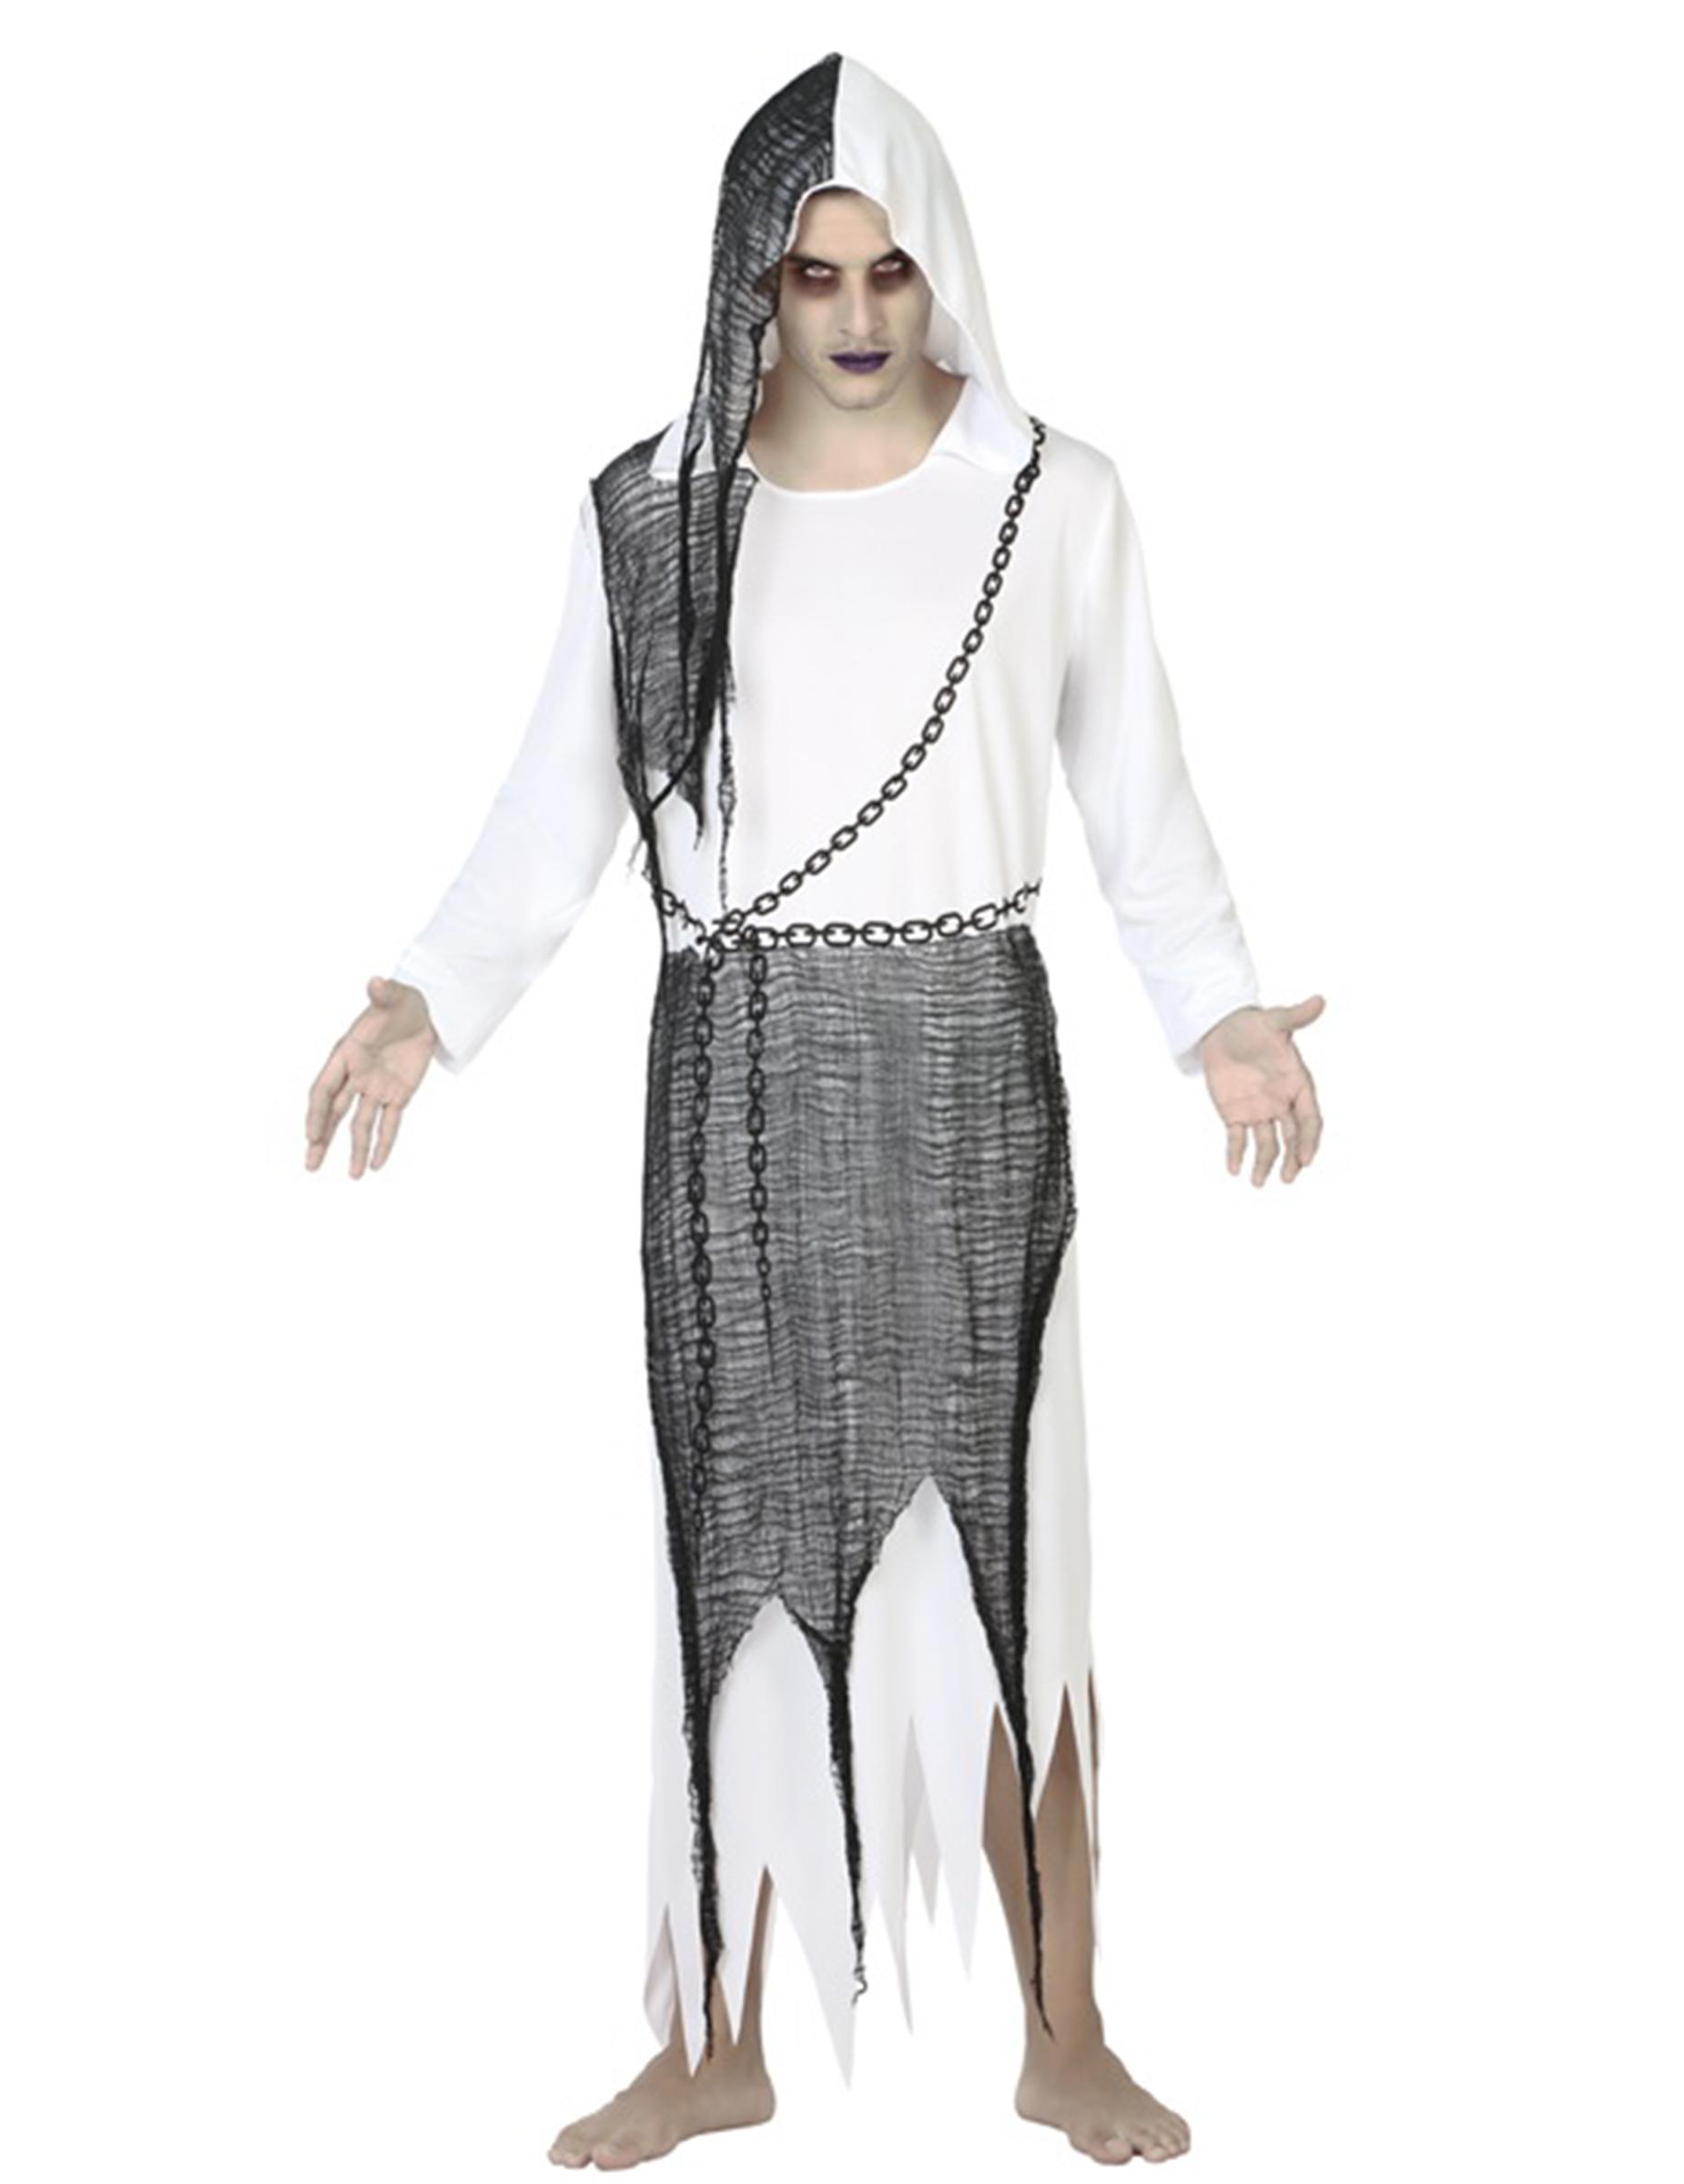 446d2e95f650 Costume da fantasma uomo per Halloween: Costumi adulti,e vestiti di ...